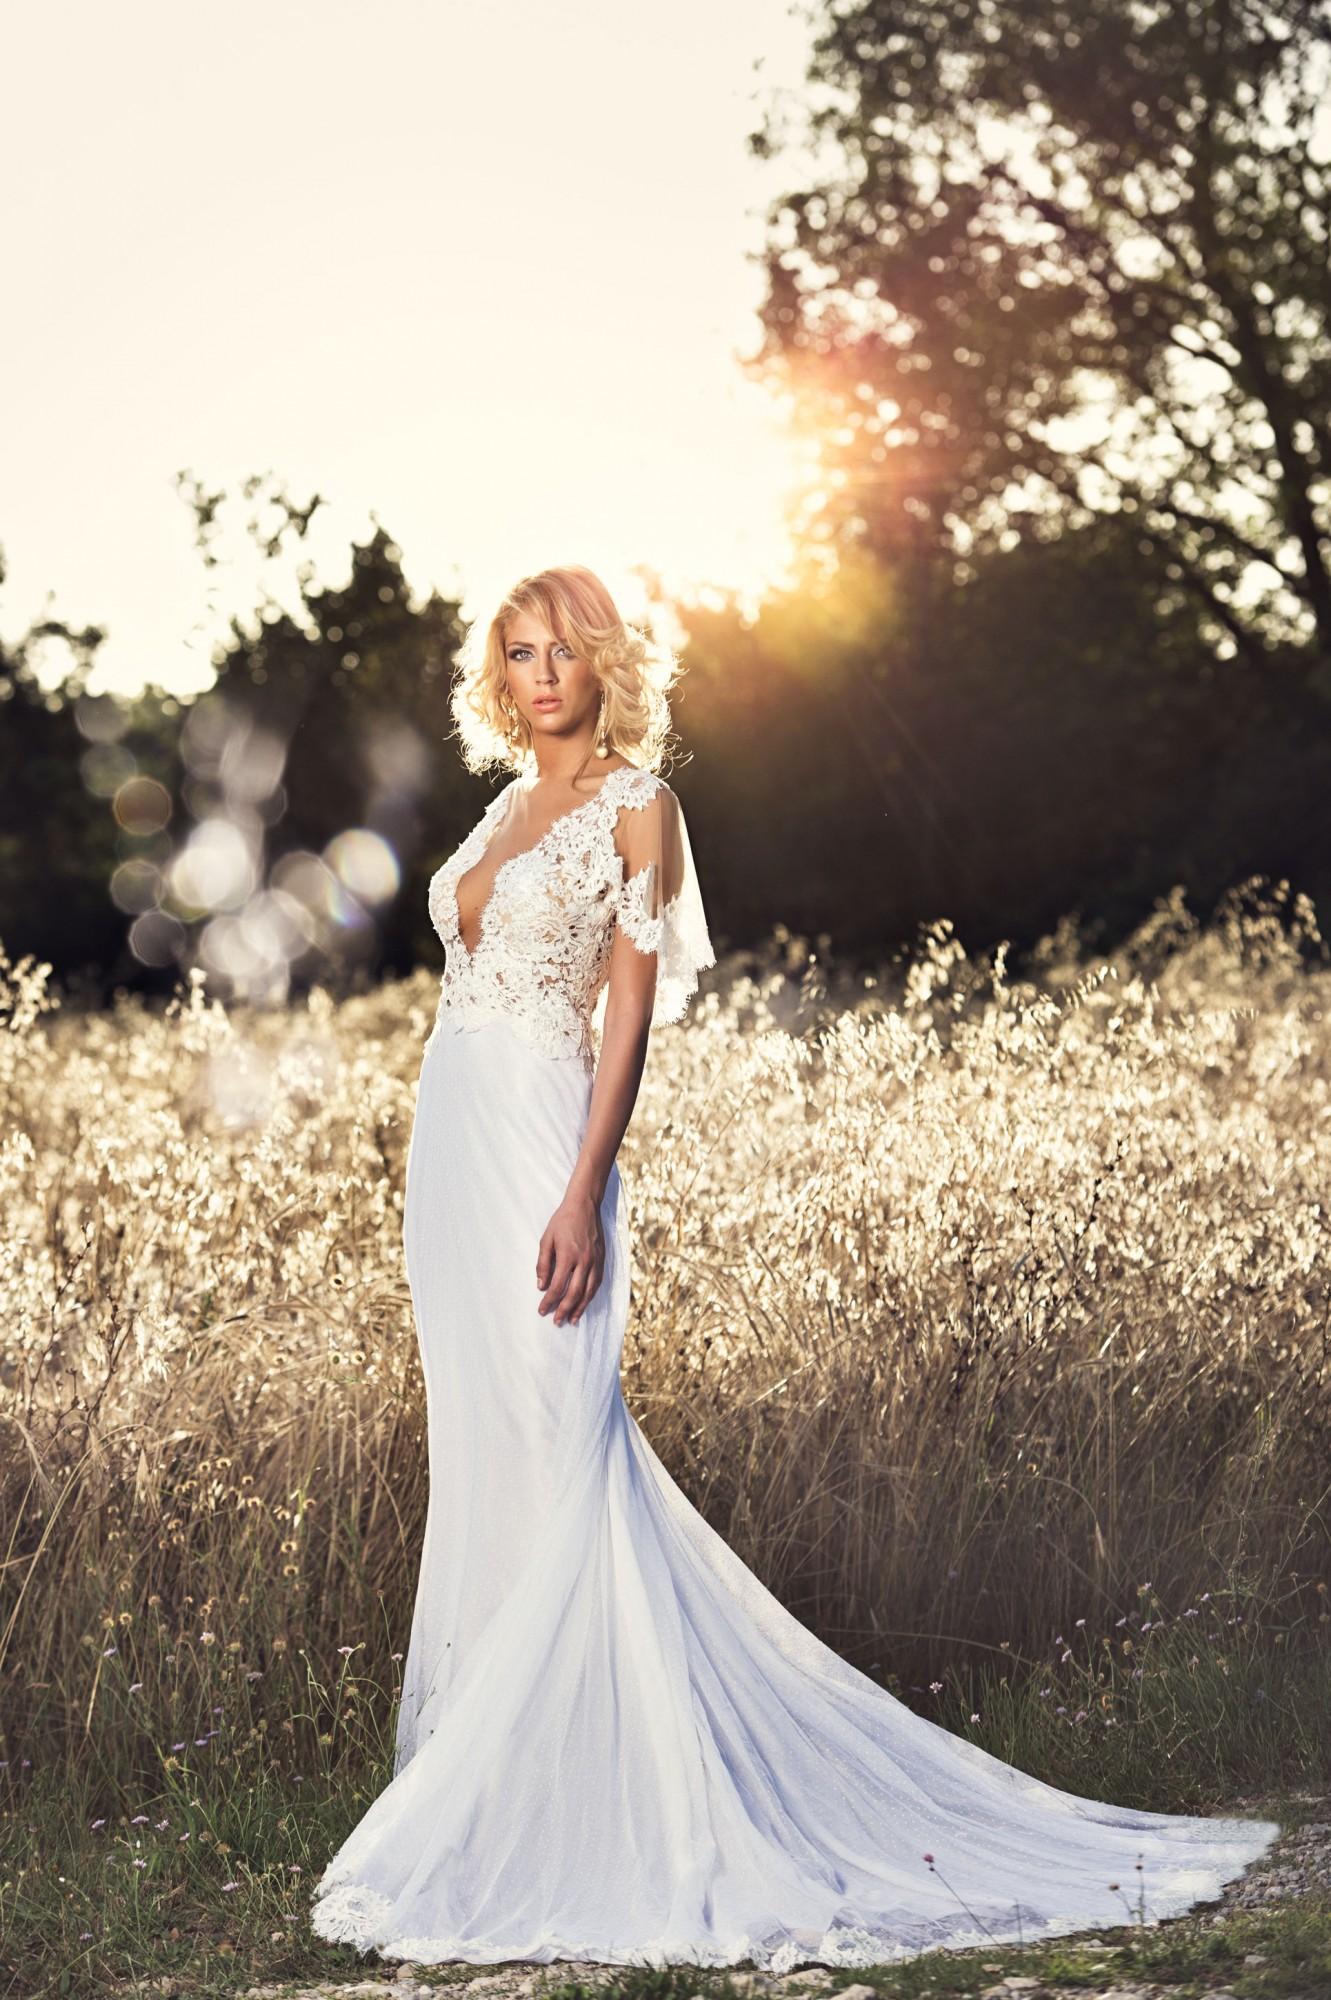 Pourquoi choisir une robe créée sur mesure pour son mariage ?